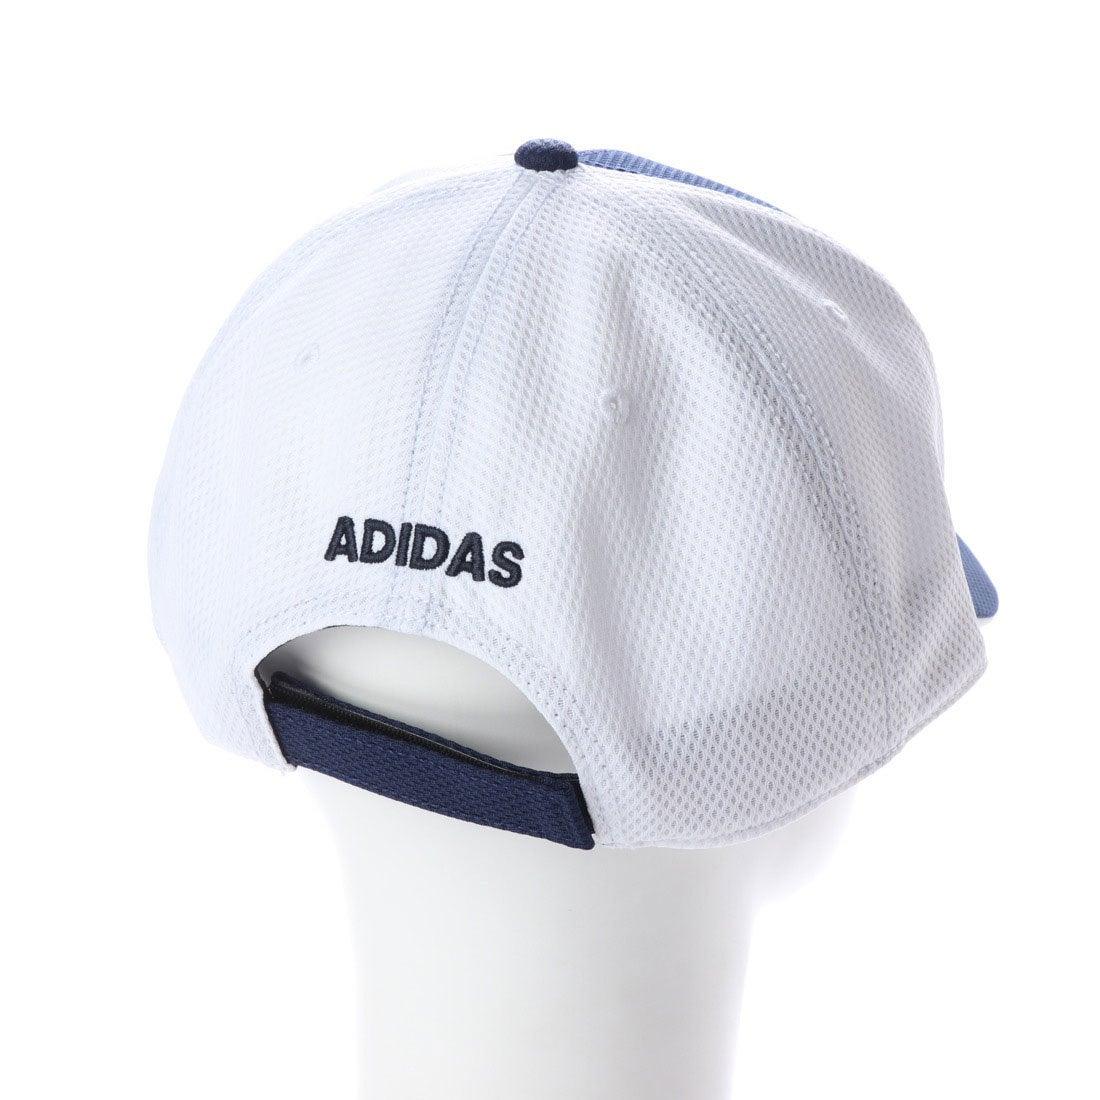 1b1f203f47ff7d このアイテムを見ている人におすすめ. アディダス adidas メンズ ゴルフ キャップ ADICROSS ツイルキャップ CL0518 ...